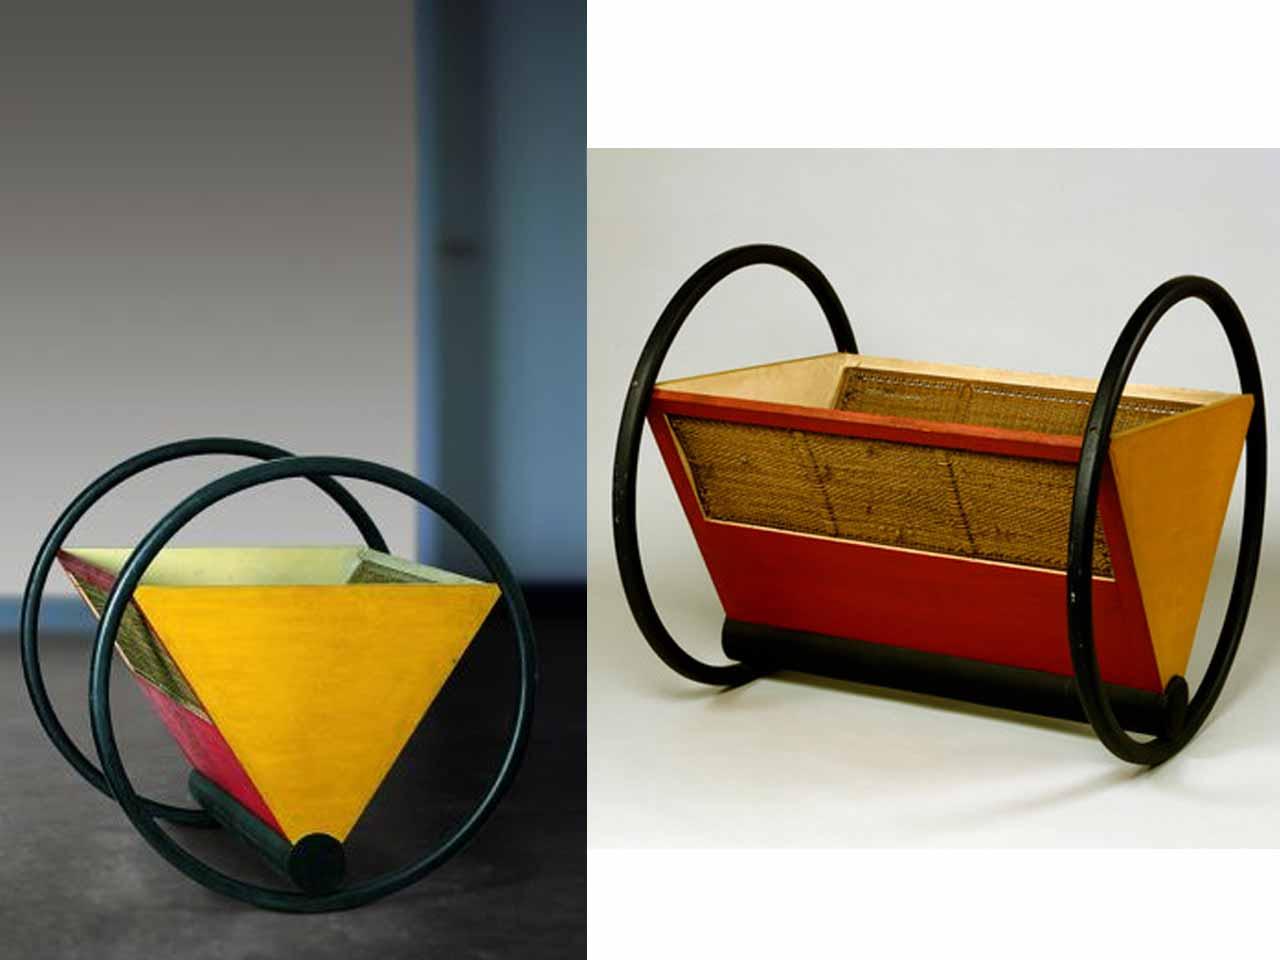 Los 23 dise os de la bauhaus m s emblem ticos for Bauhaus vinilos decorativos